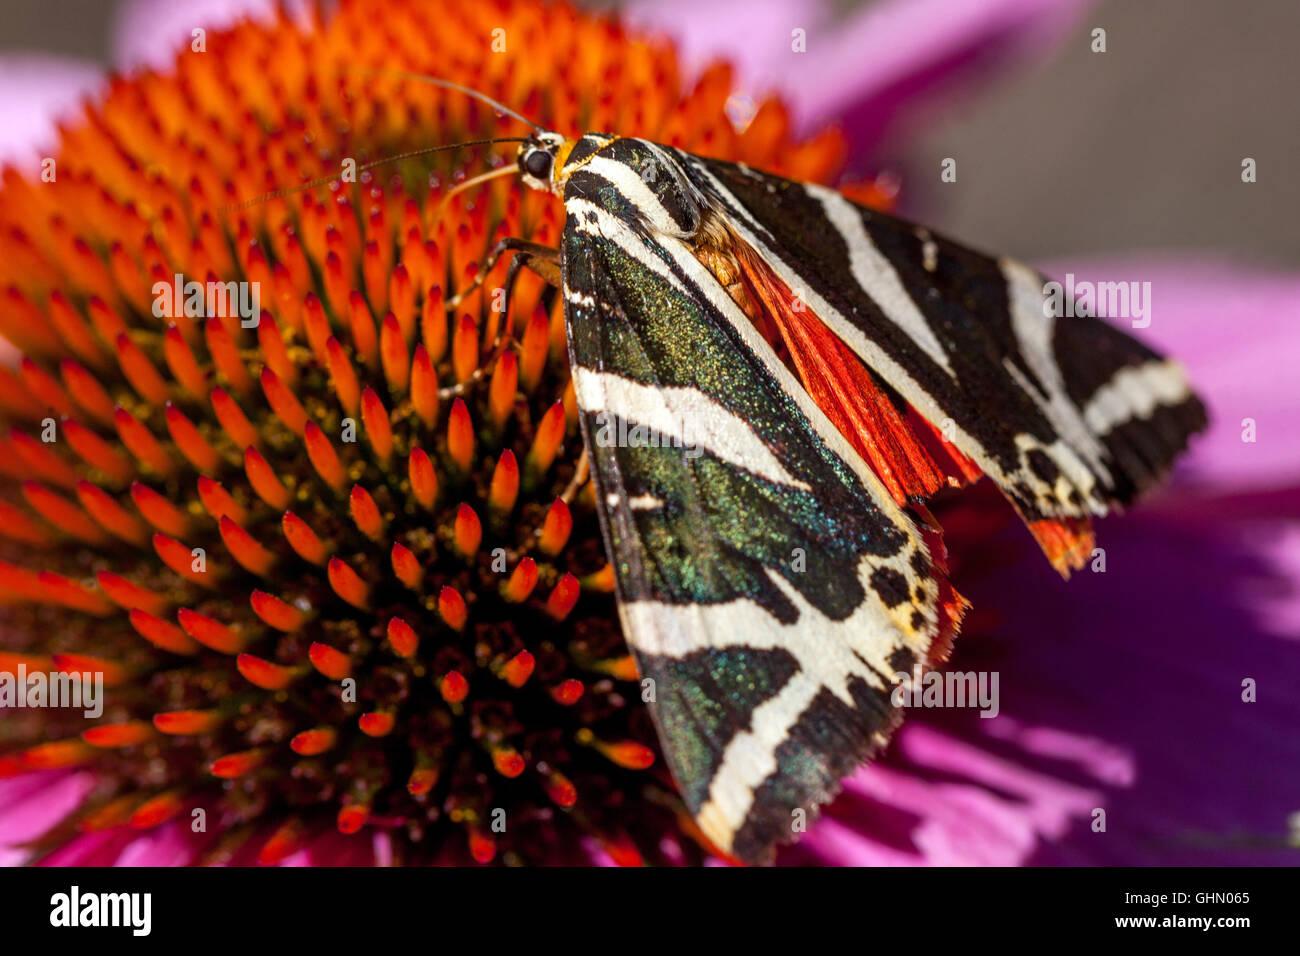 Jersey Tiger Euplagia quadripunctaria on Purple coneflower Echinacea purpurea - Stock Image